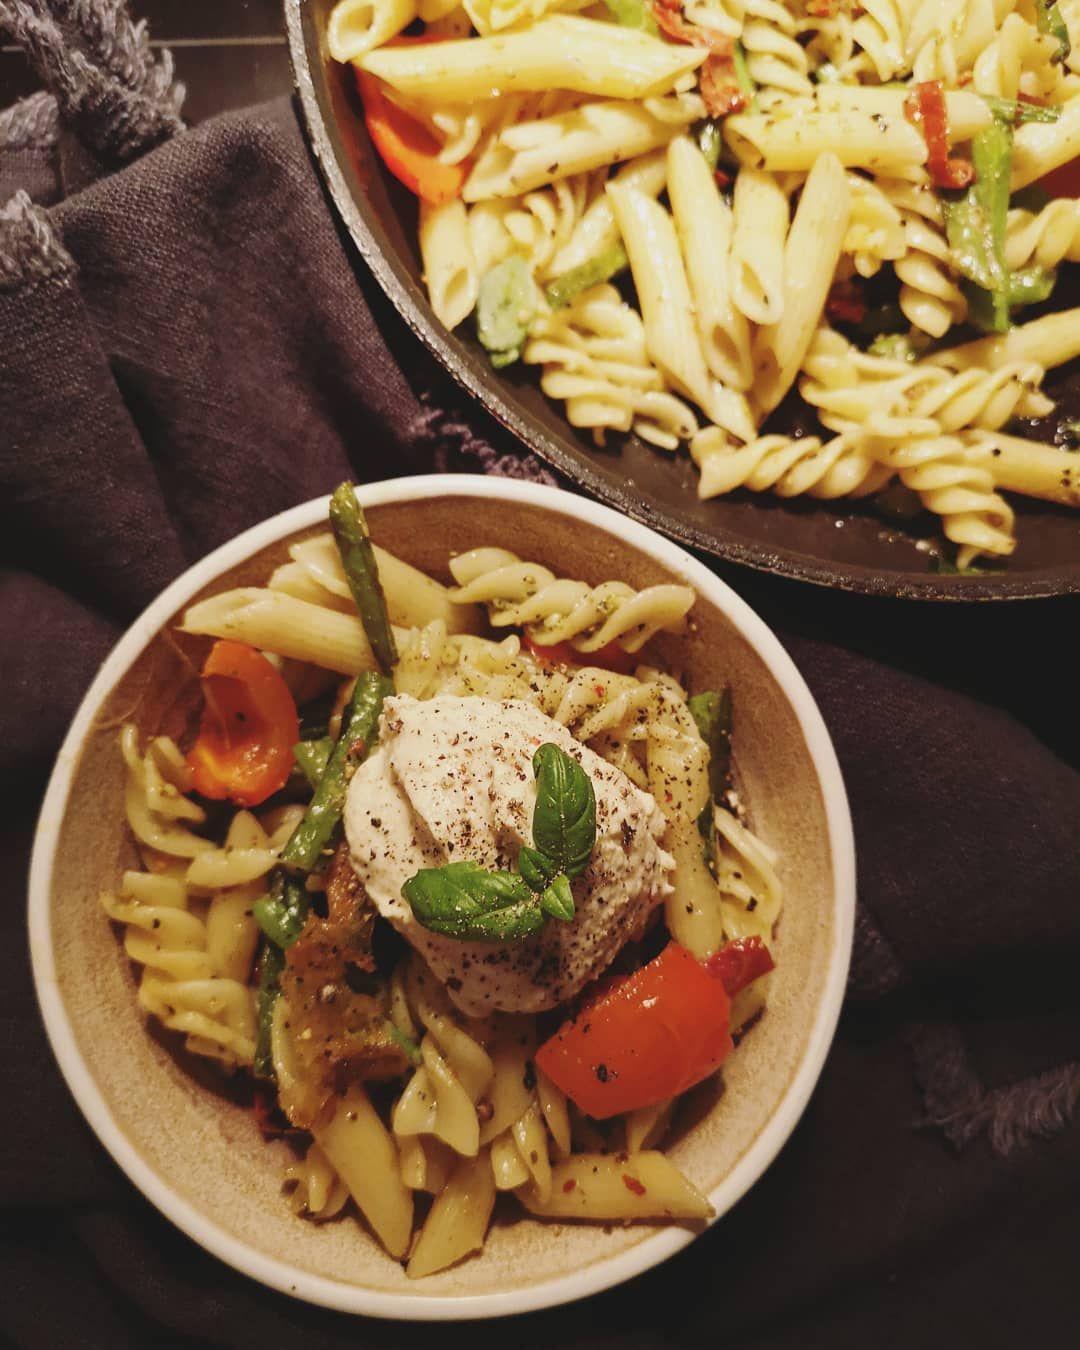 SØNDAGSBØWL 🎉  vänner som bjuder en på kalas OCH skickar med en mat hem är ju kanske de bästa vännerna. En pasta pesto med soltorkade tomater och cheesy cheese fick sällis av brytbönor, chili, paprika och hummus. Önskar så bad att det hade varit burrata istället dock 🙄